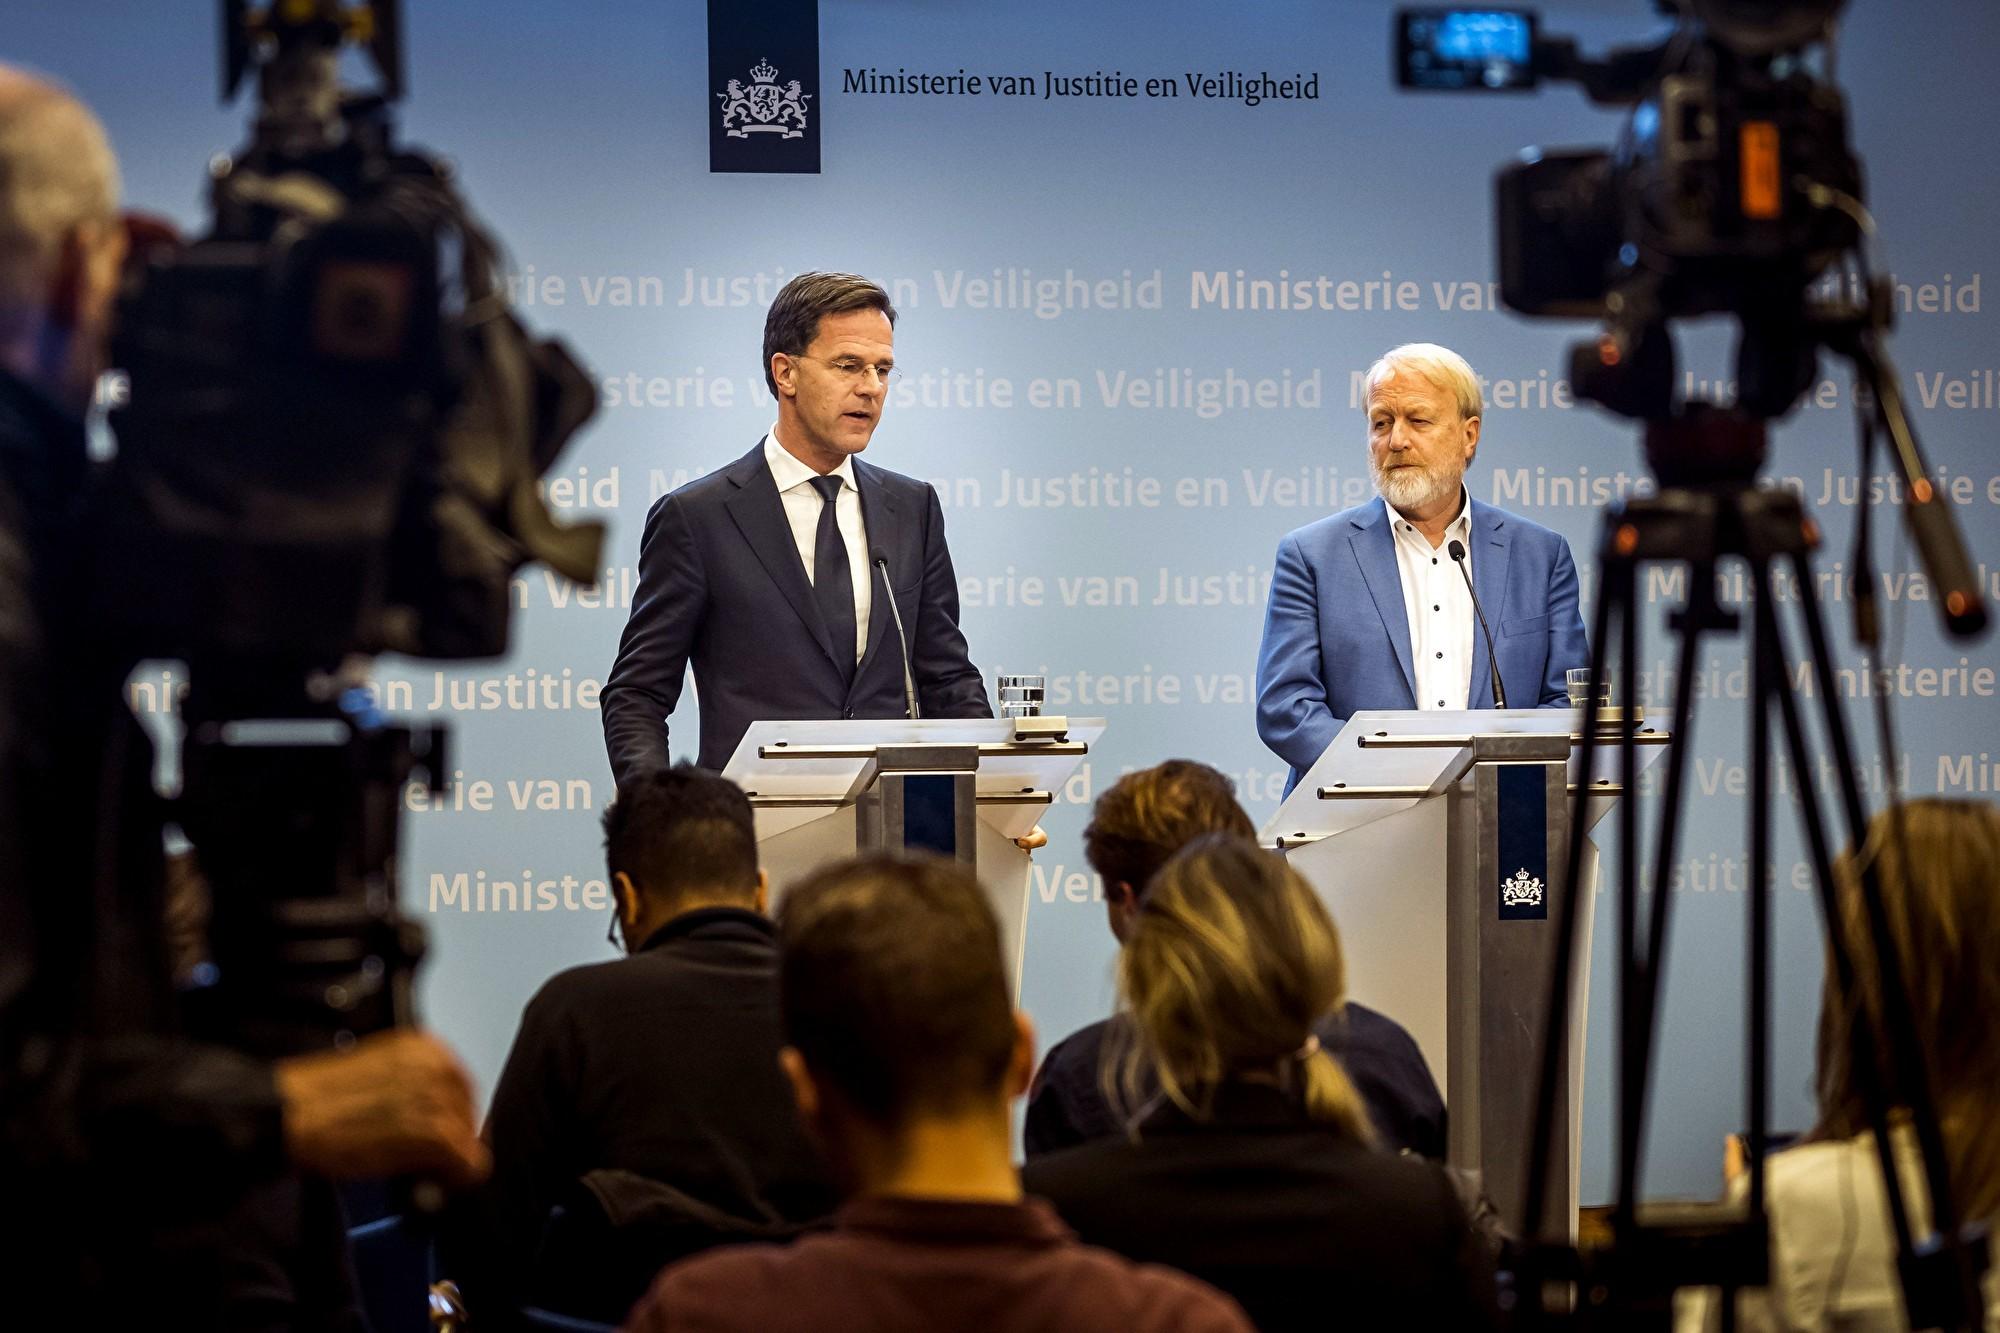 歐洲中共病毒疫情危機 荷蘭官員:錯在依賴中共信息